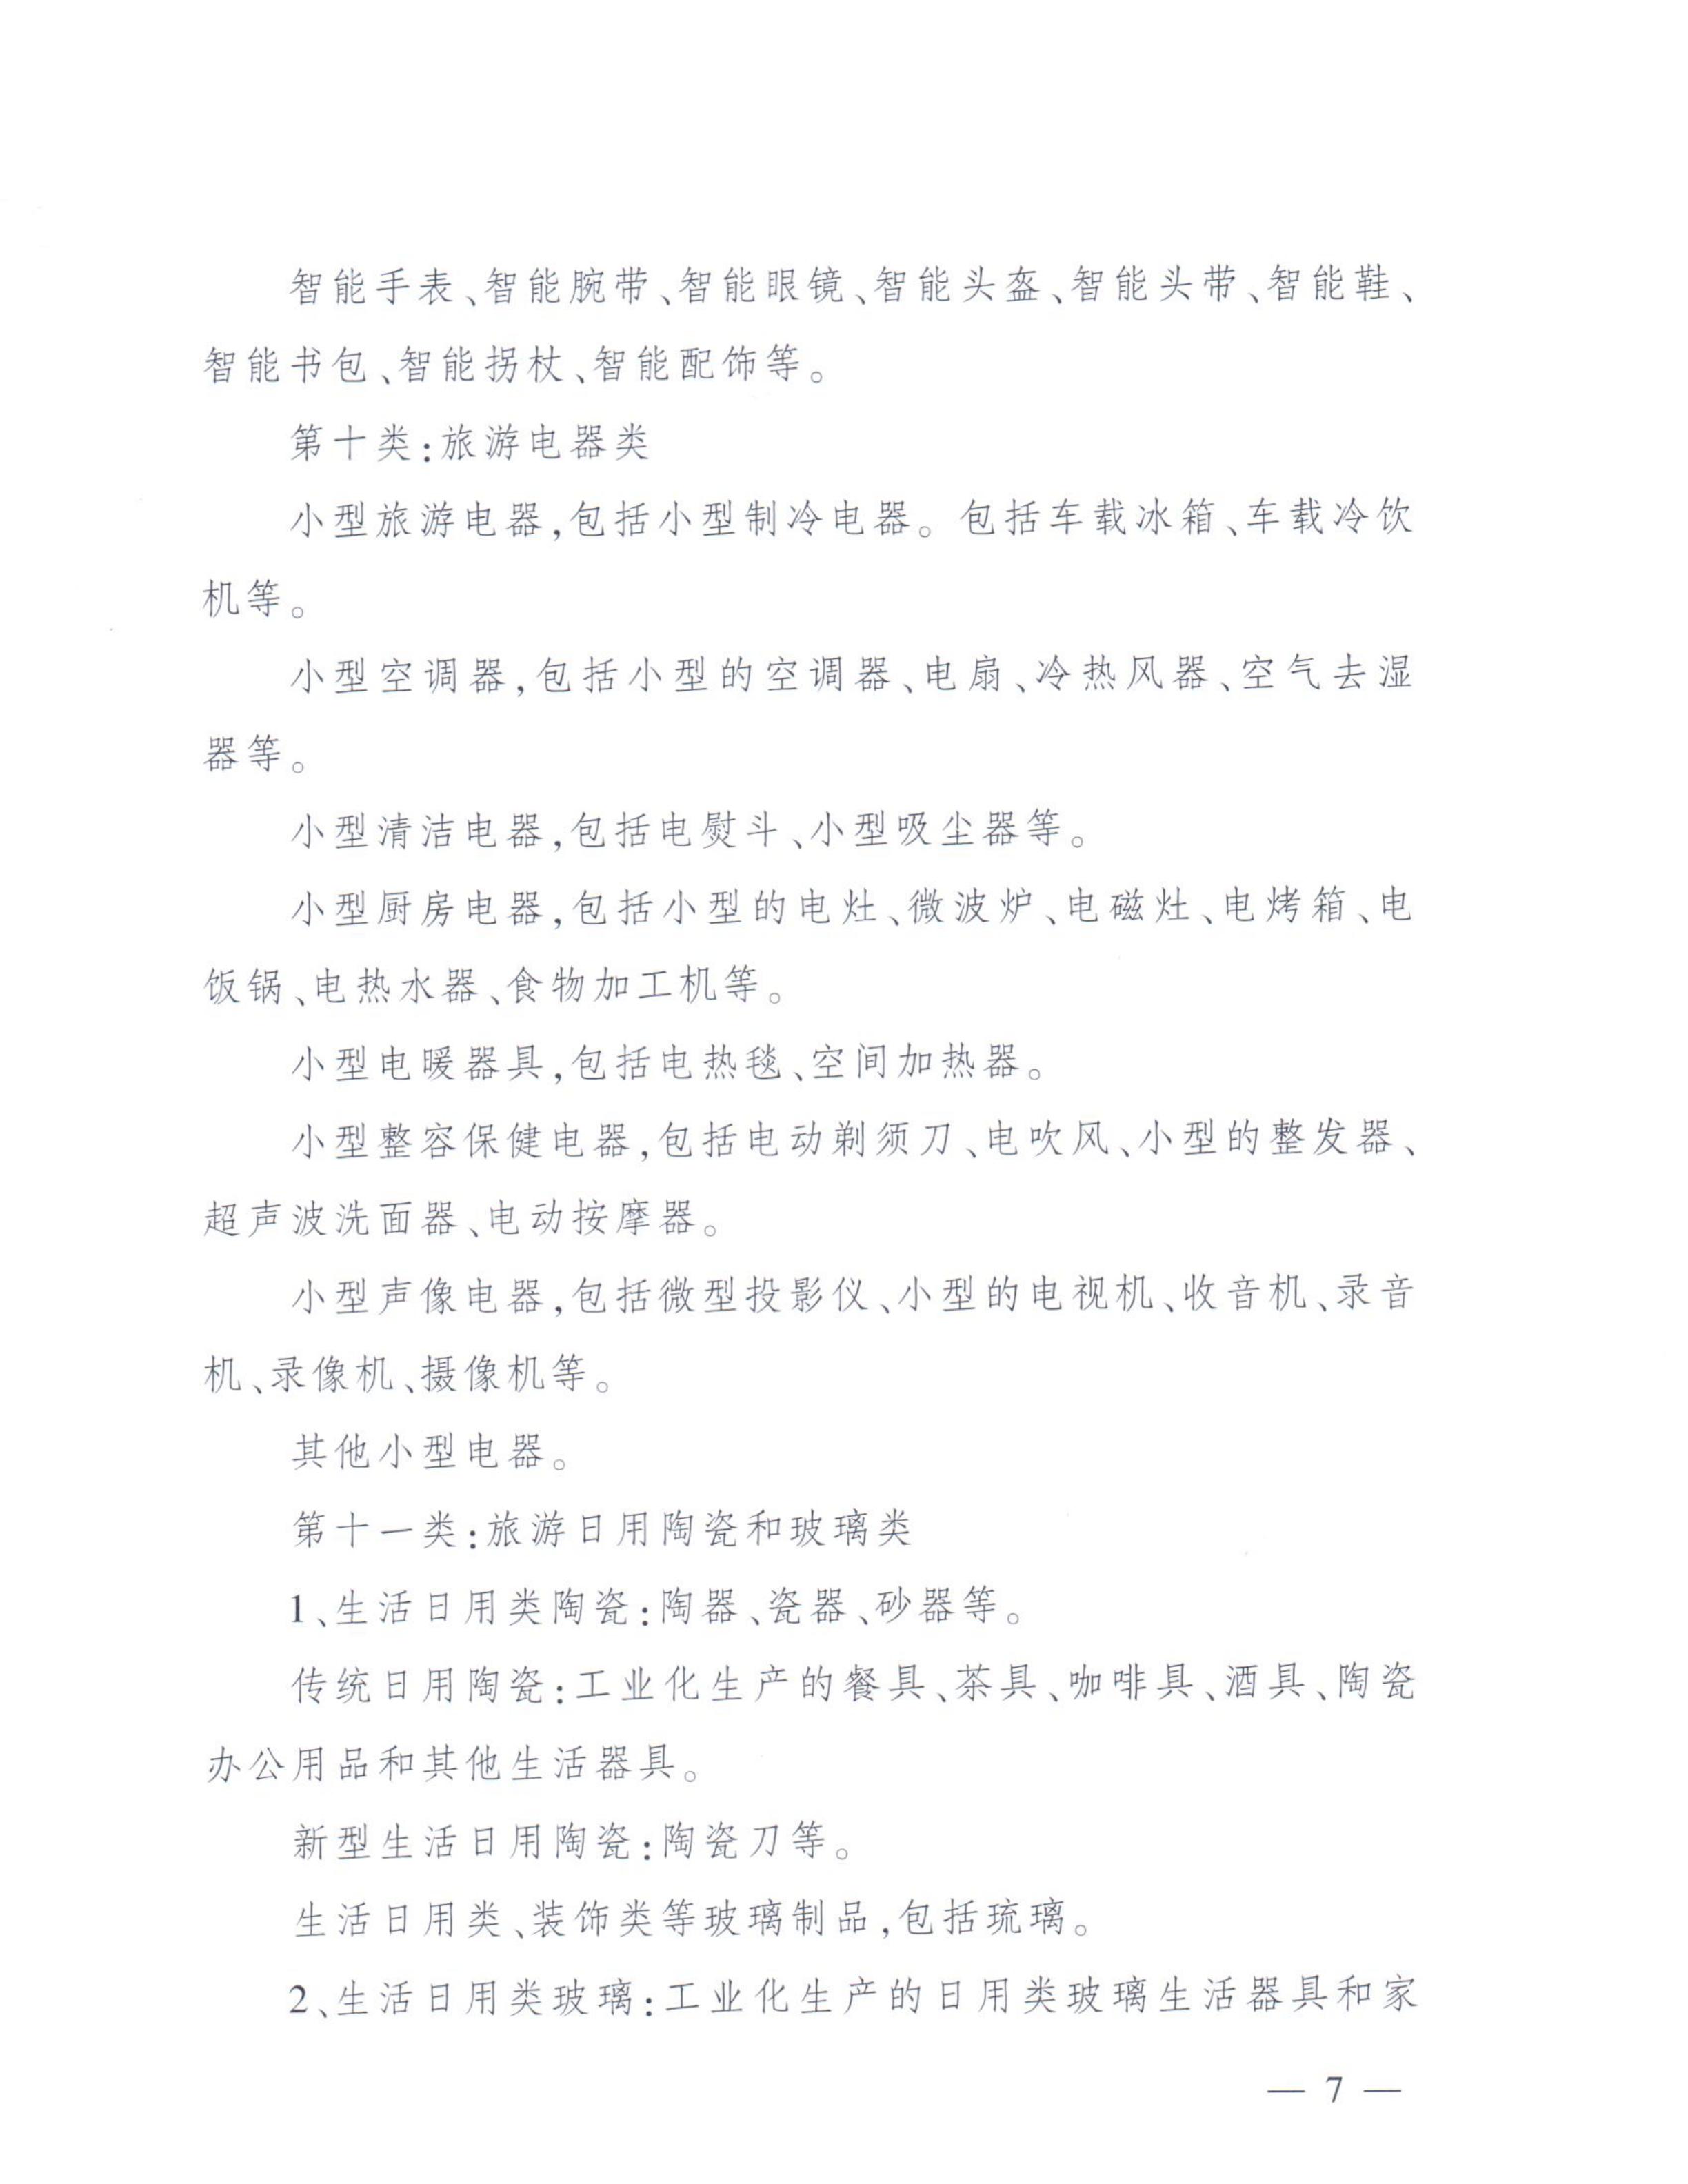 舉辦2019中國特色旅游商品大賽的通知-9-舉辦2019中國特色旅游商品大賽的通知-9_06